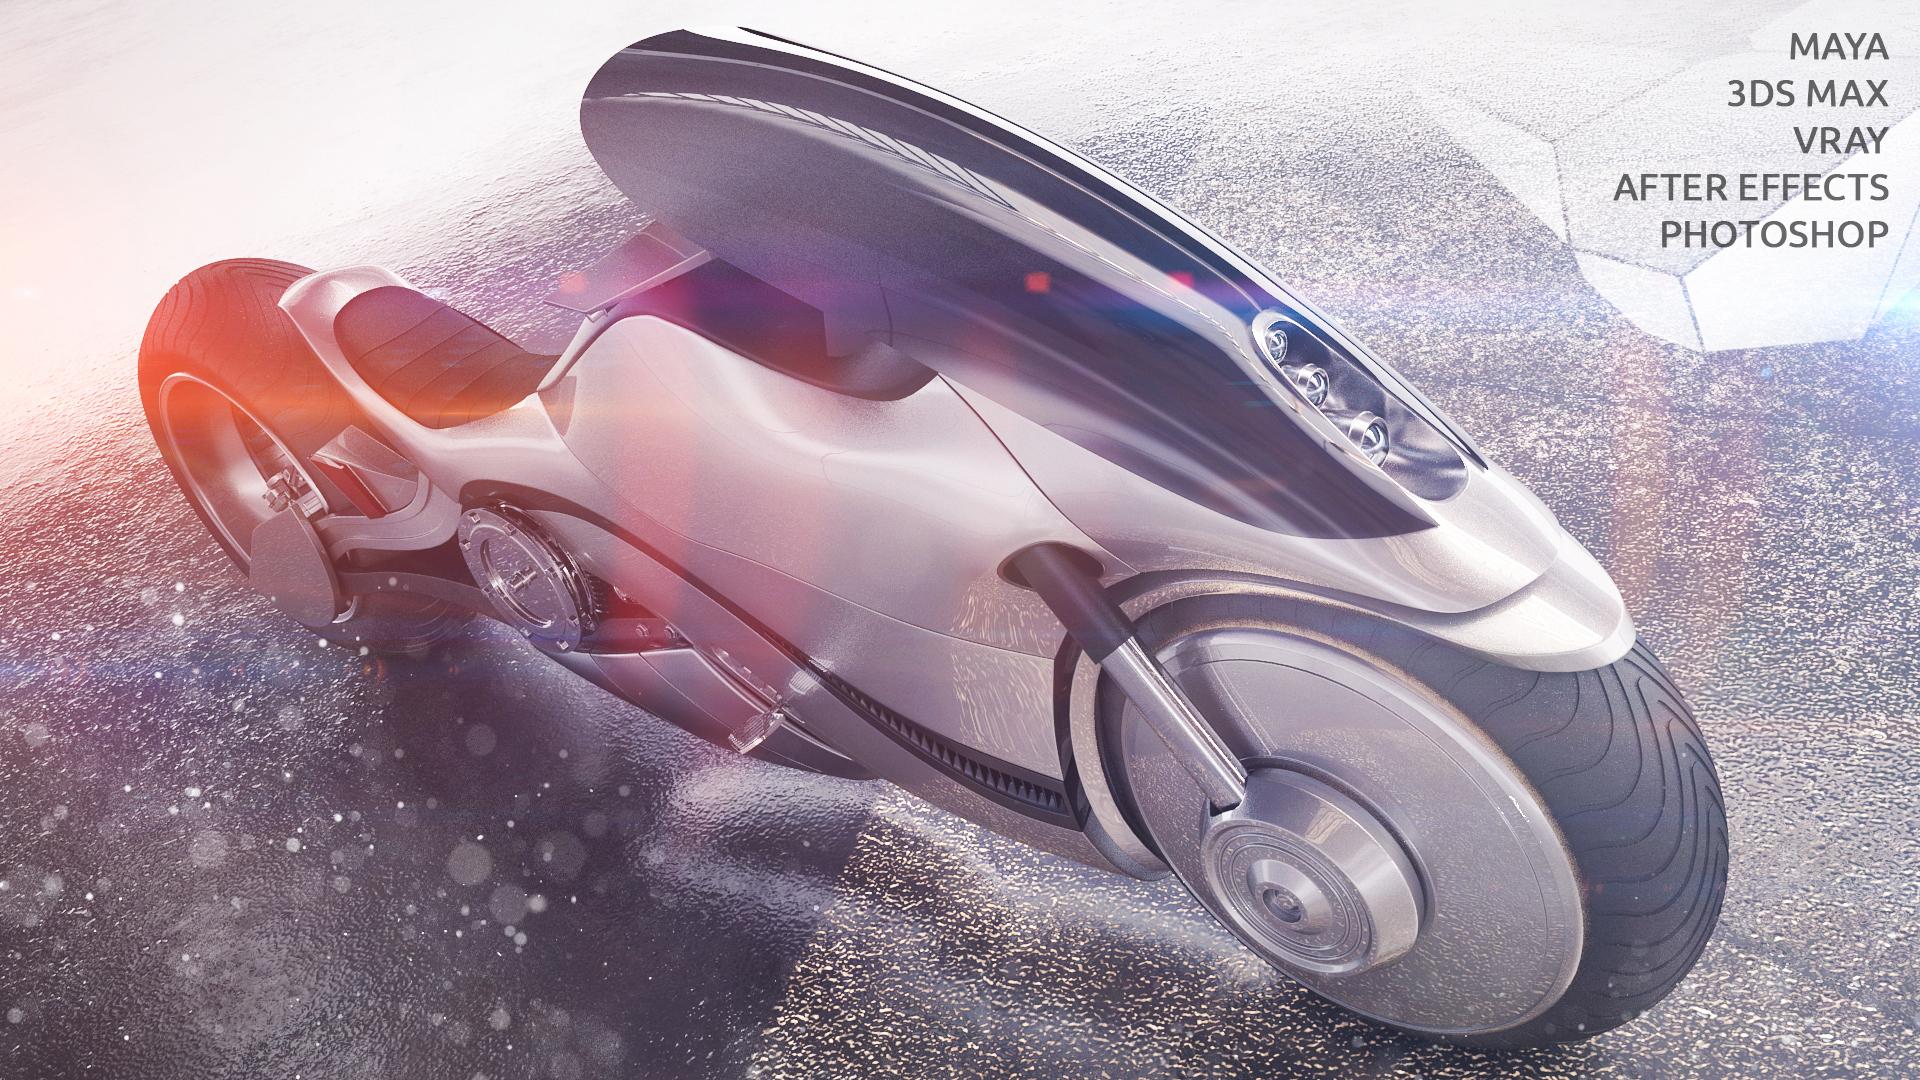 Concept bike Sci-fi 3d art